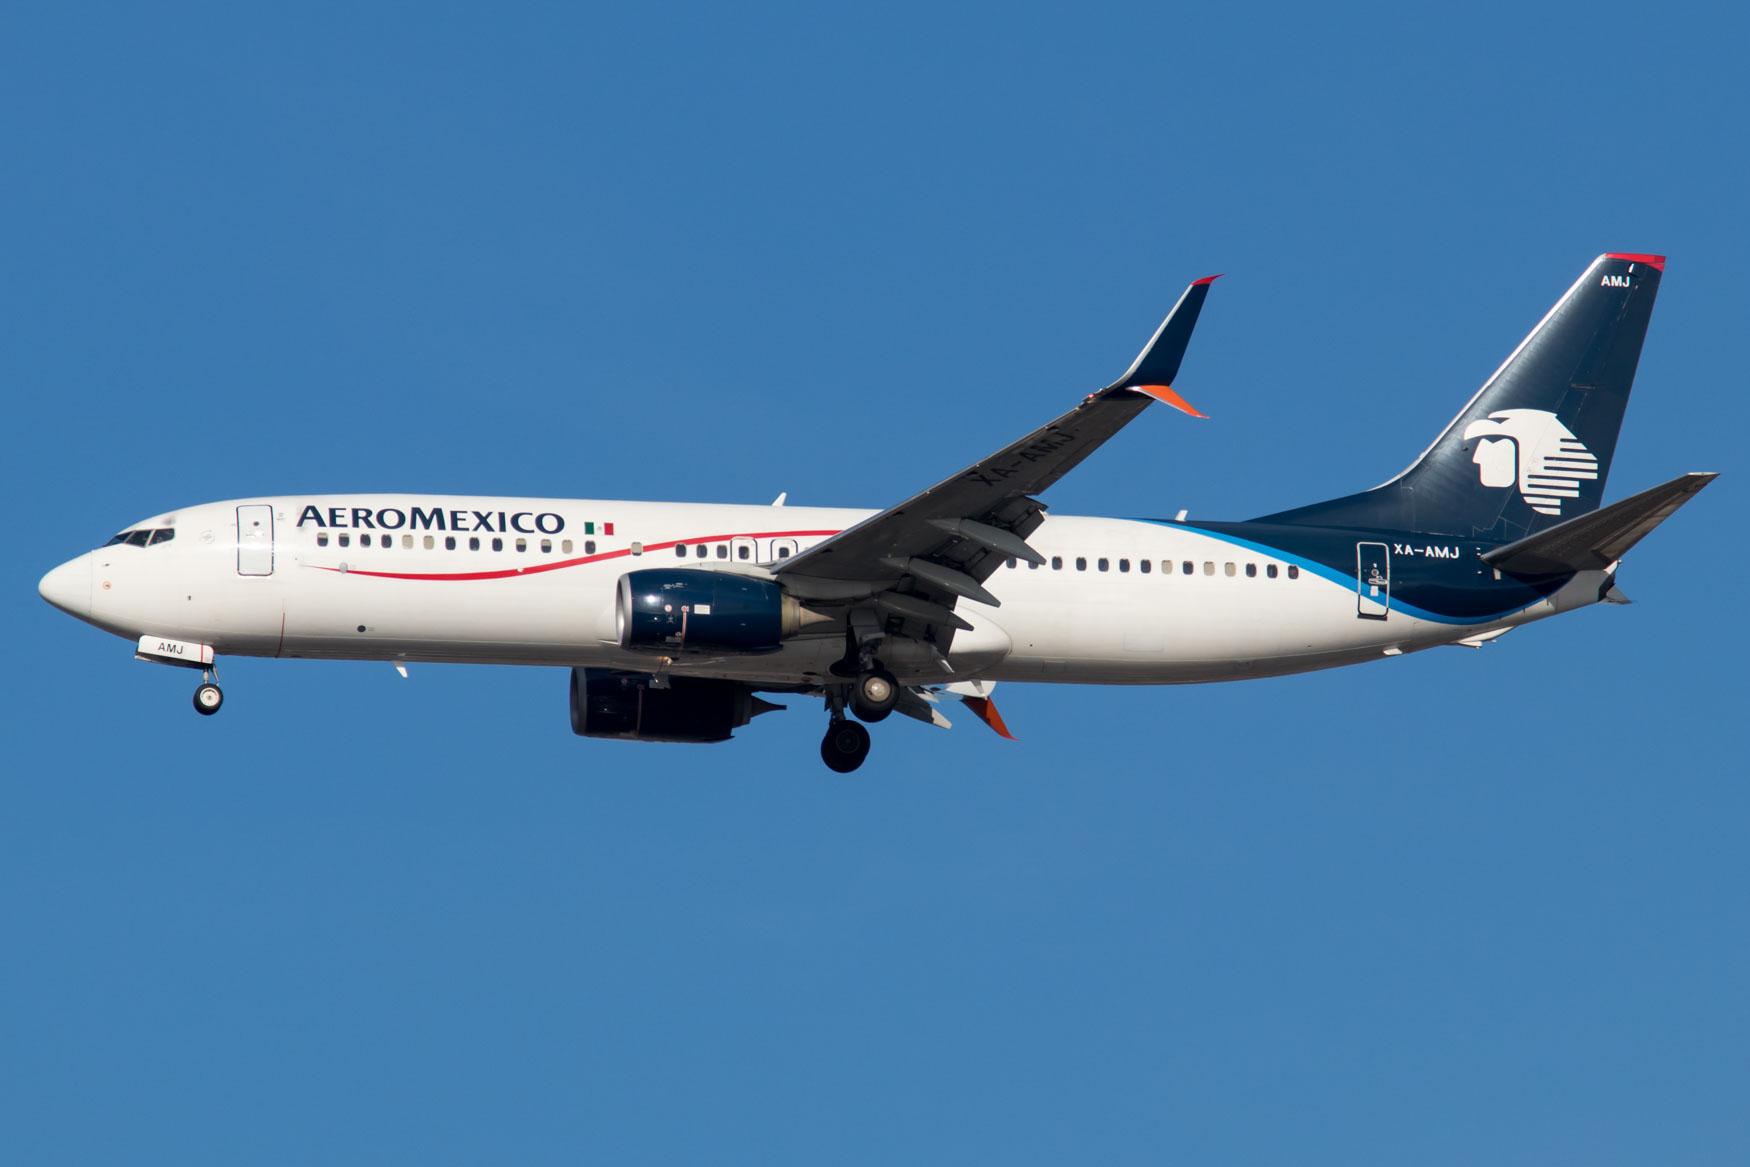 AeroMexico 737-800 Landing at JFK